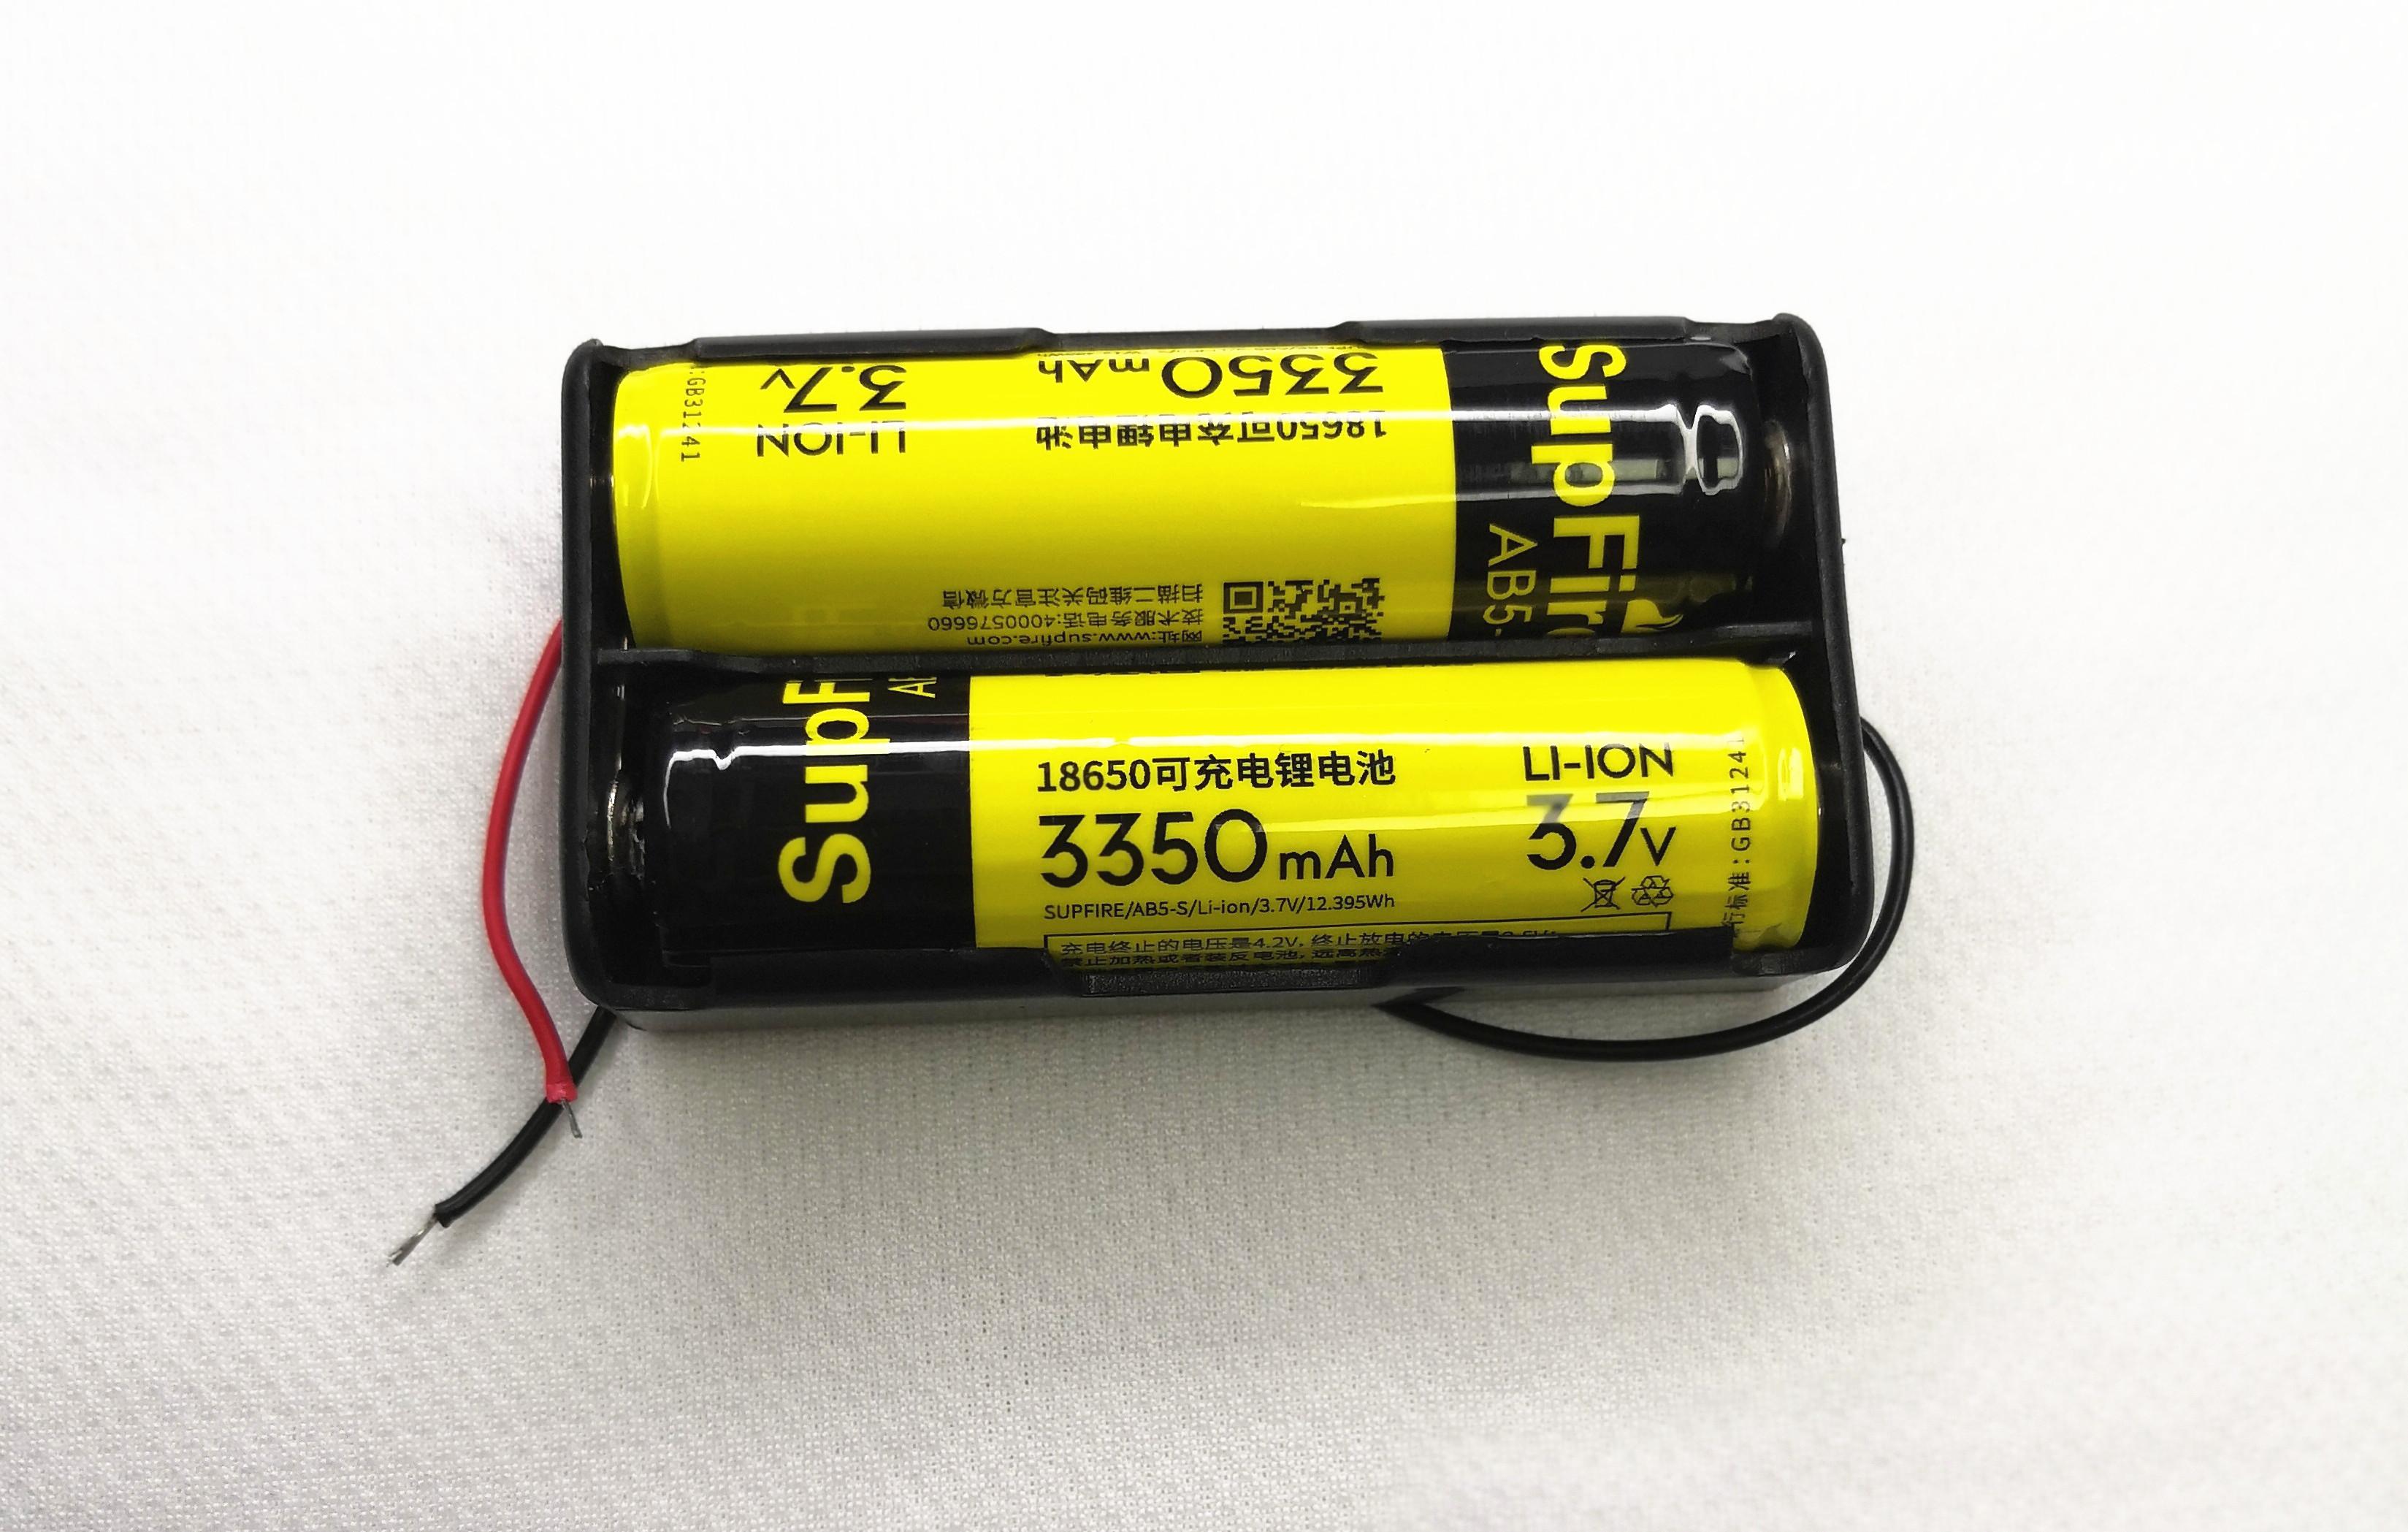 18650可充电锂电池串联组